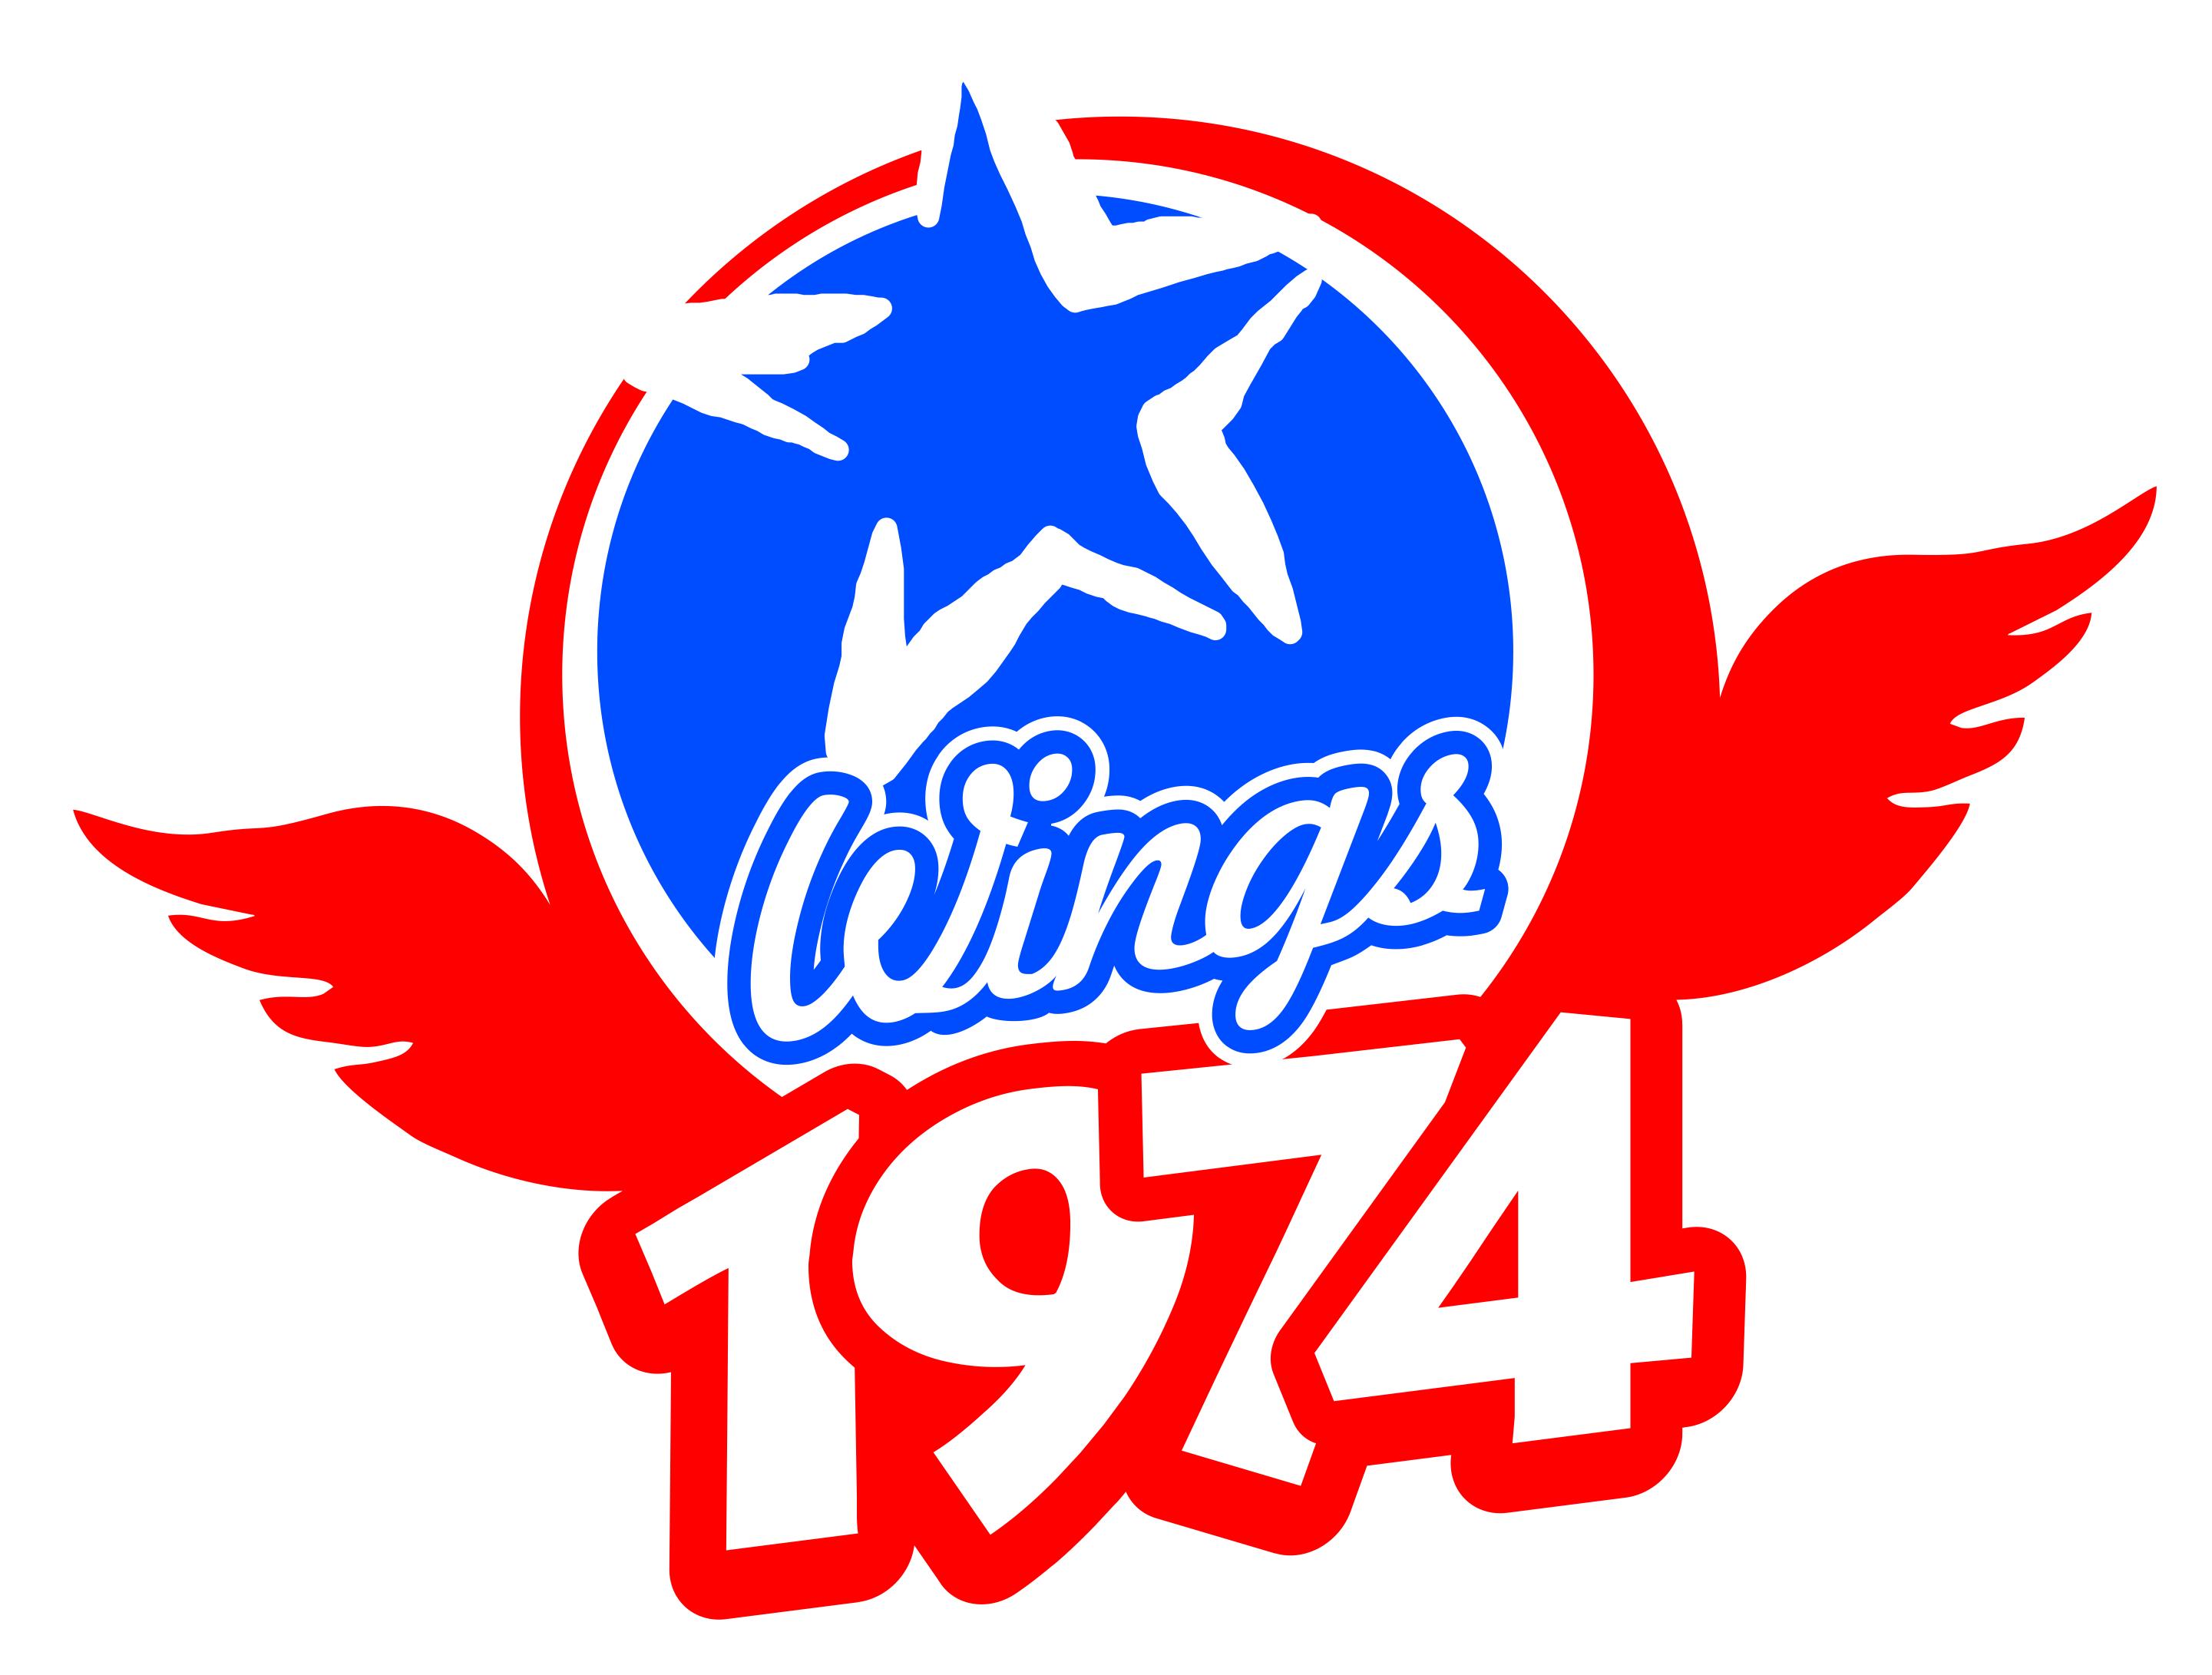 Wings 1974